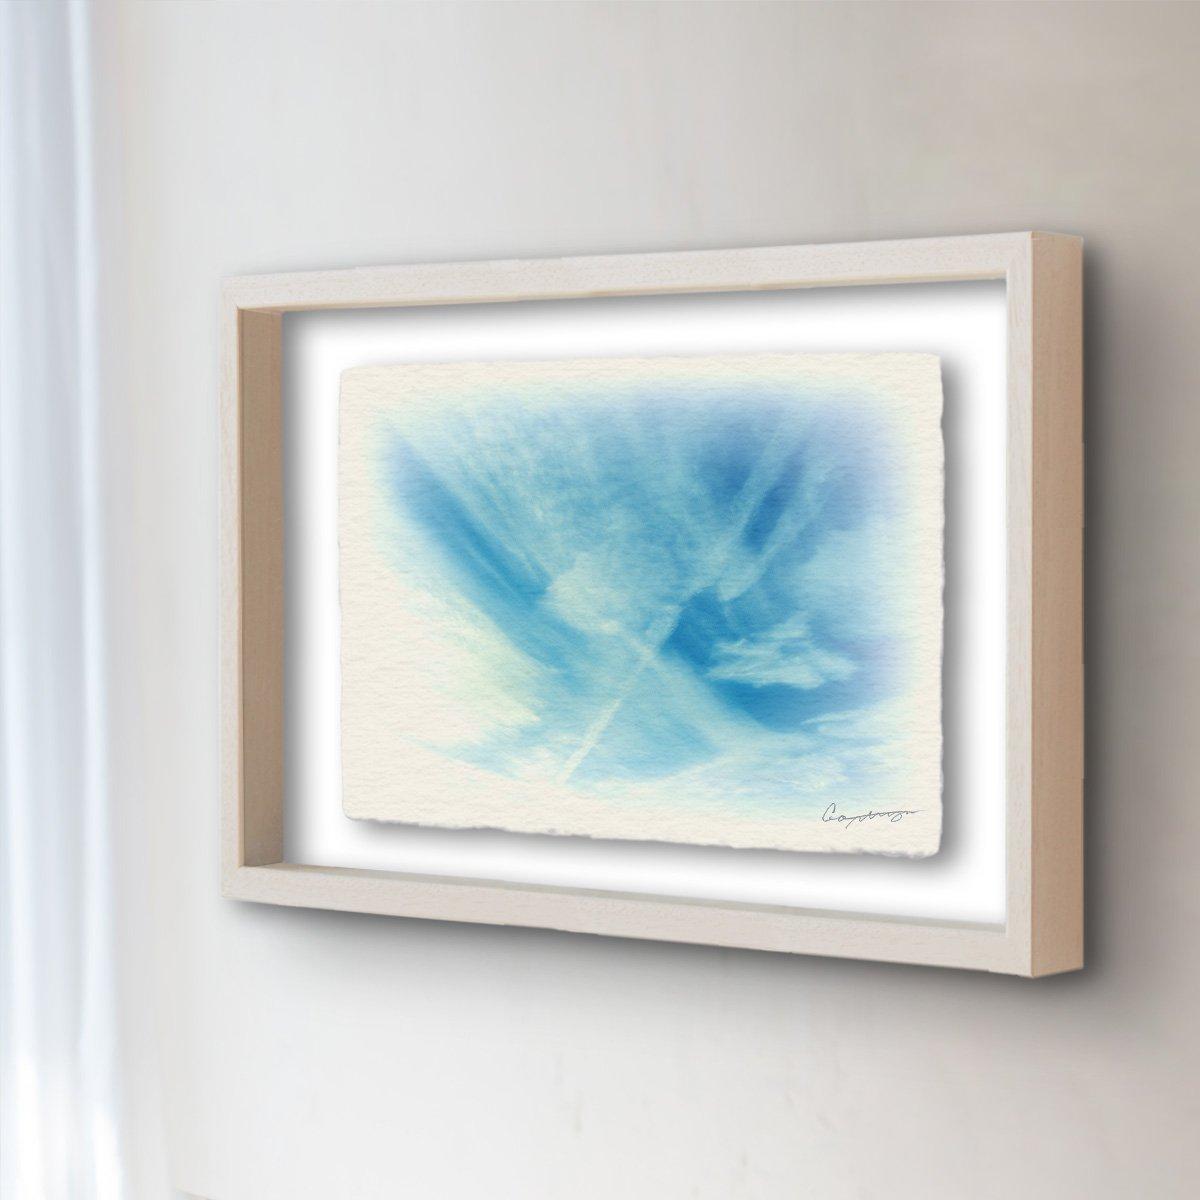 和紙 アートフレーム 「筋雲と飛行機雲」 (64x52cm) 絵 絵画 壁掛け 壁飾り 額縁 インテリア アート B074XP3Z2R 25.アートフレーム(長辺64cm) 120000円|筋雲と飛行機雲 筋雲と飛行機雲 25.アートフレーム(長辺64cm) 120000円